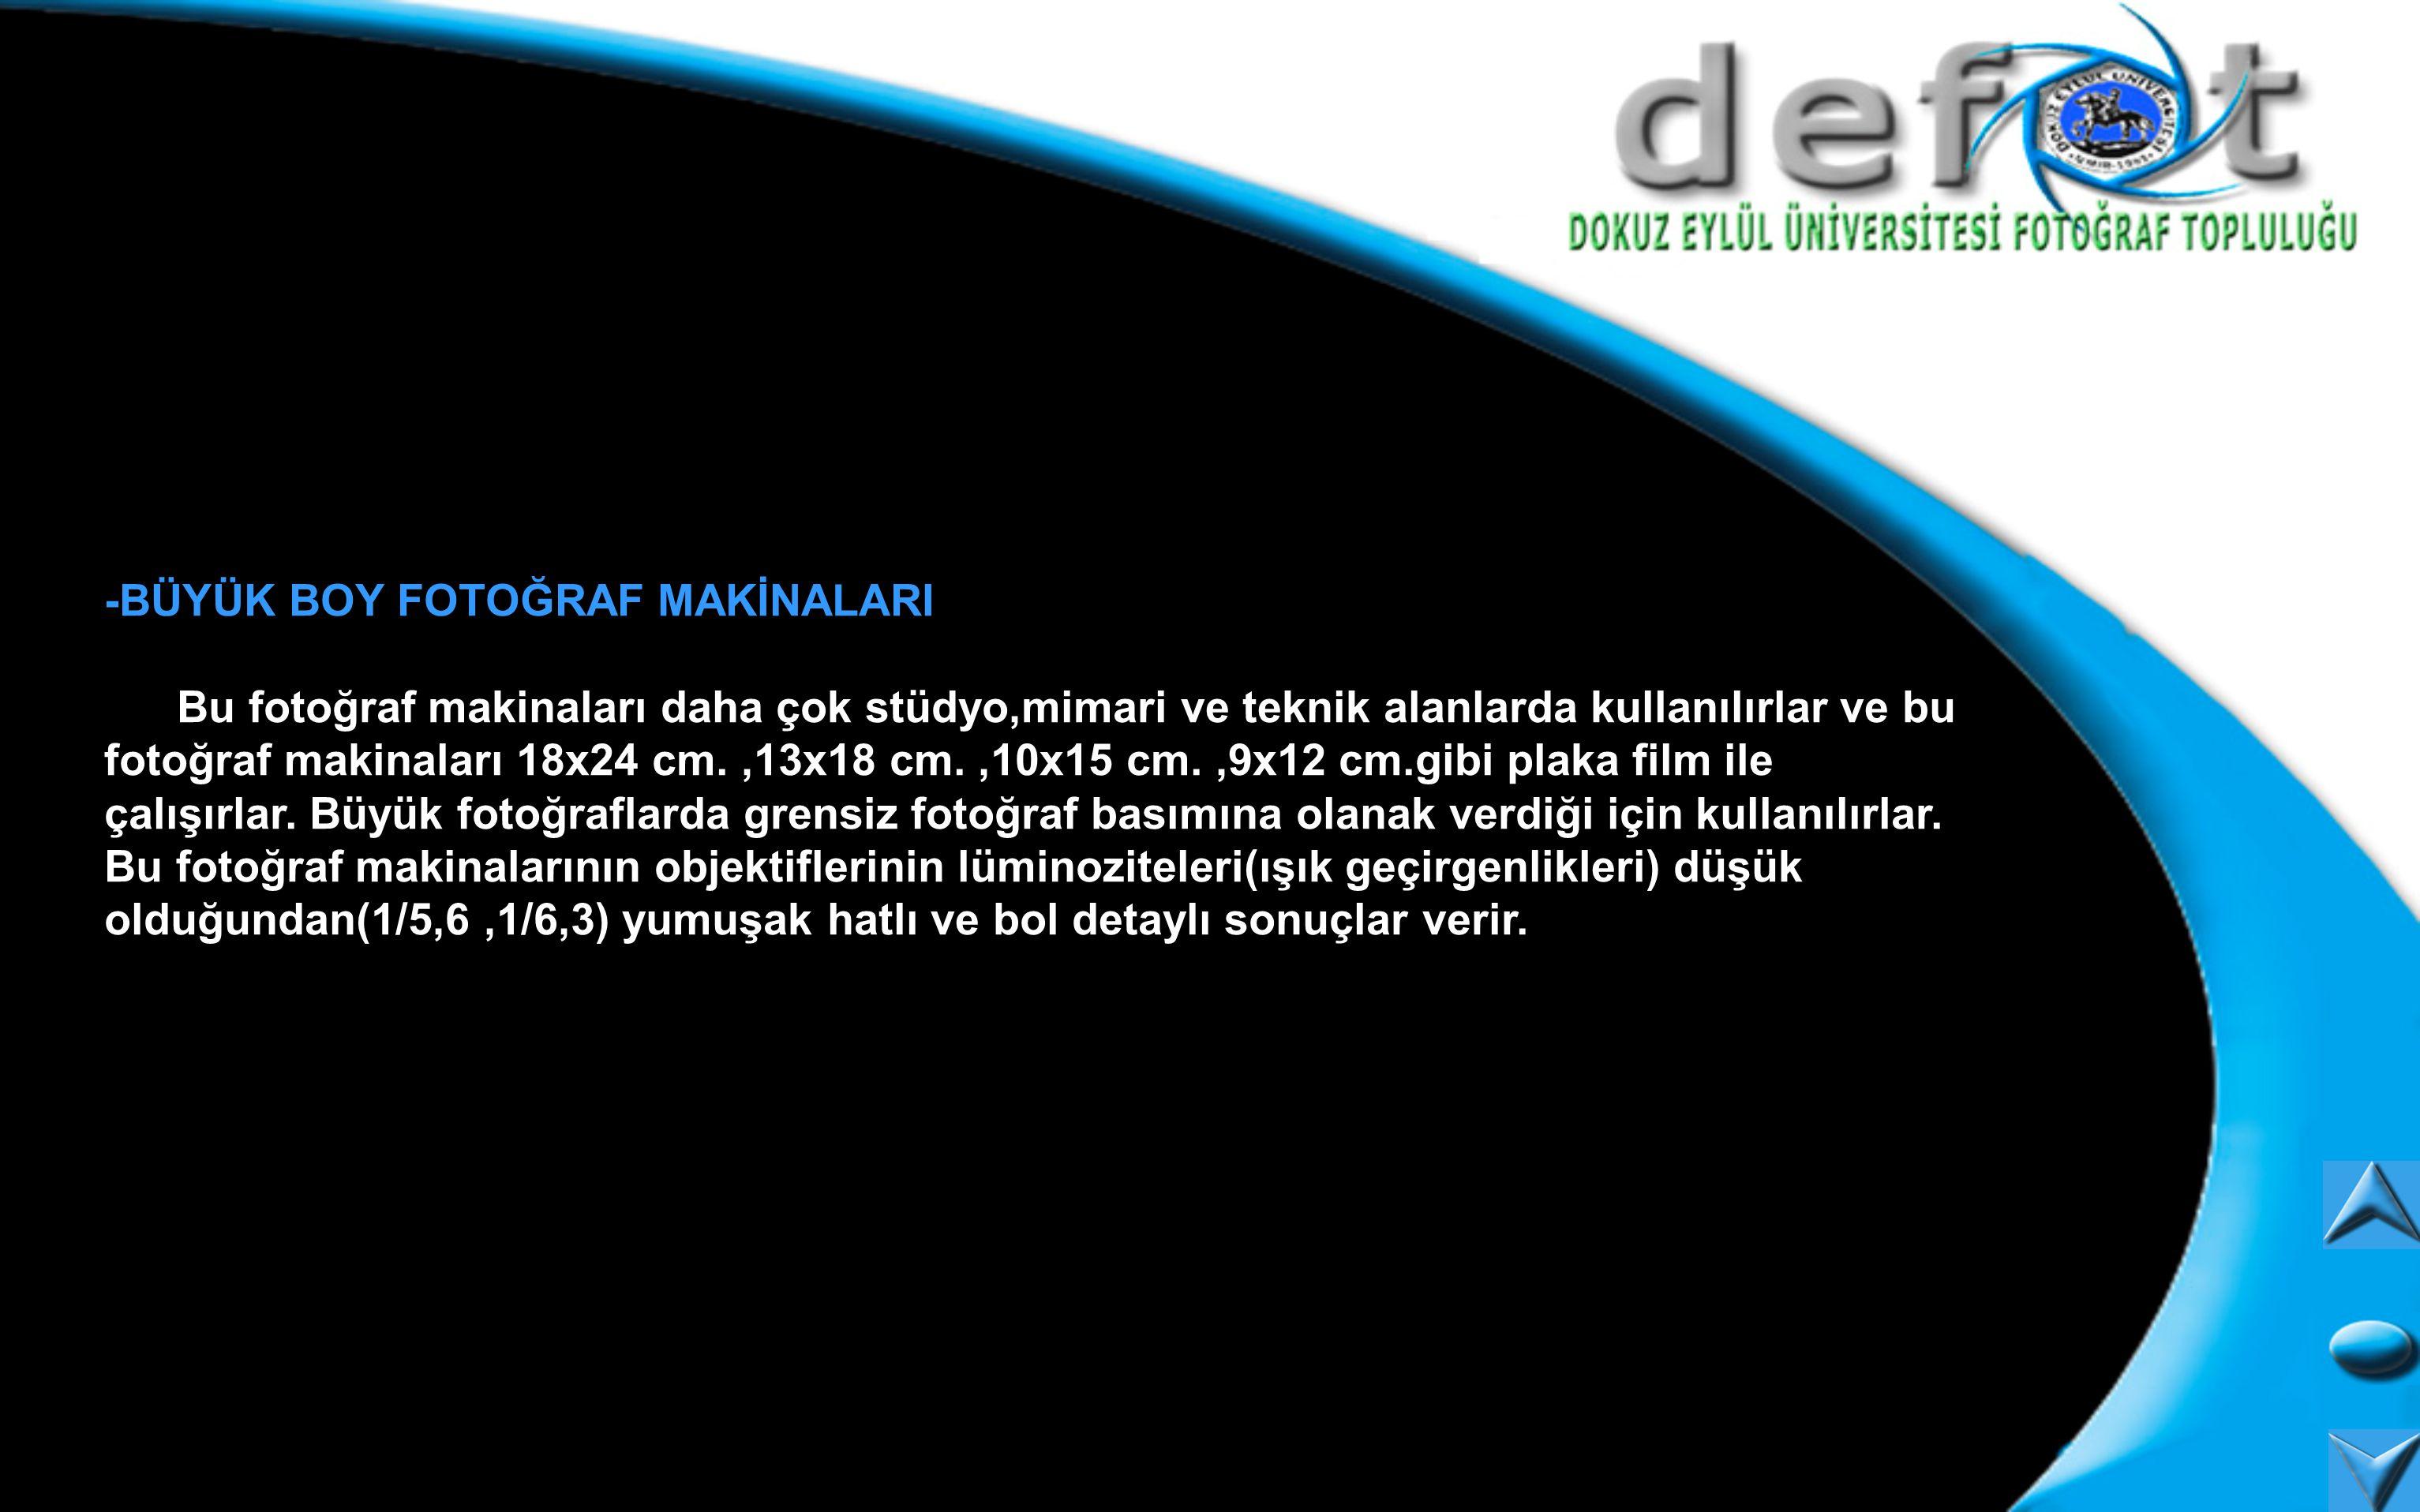 -BÜYÜK BOY FOTOĞRAF MAKİNALARI